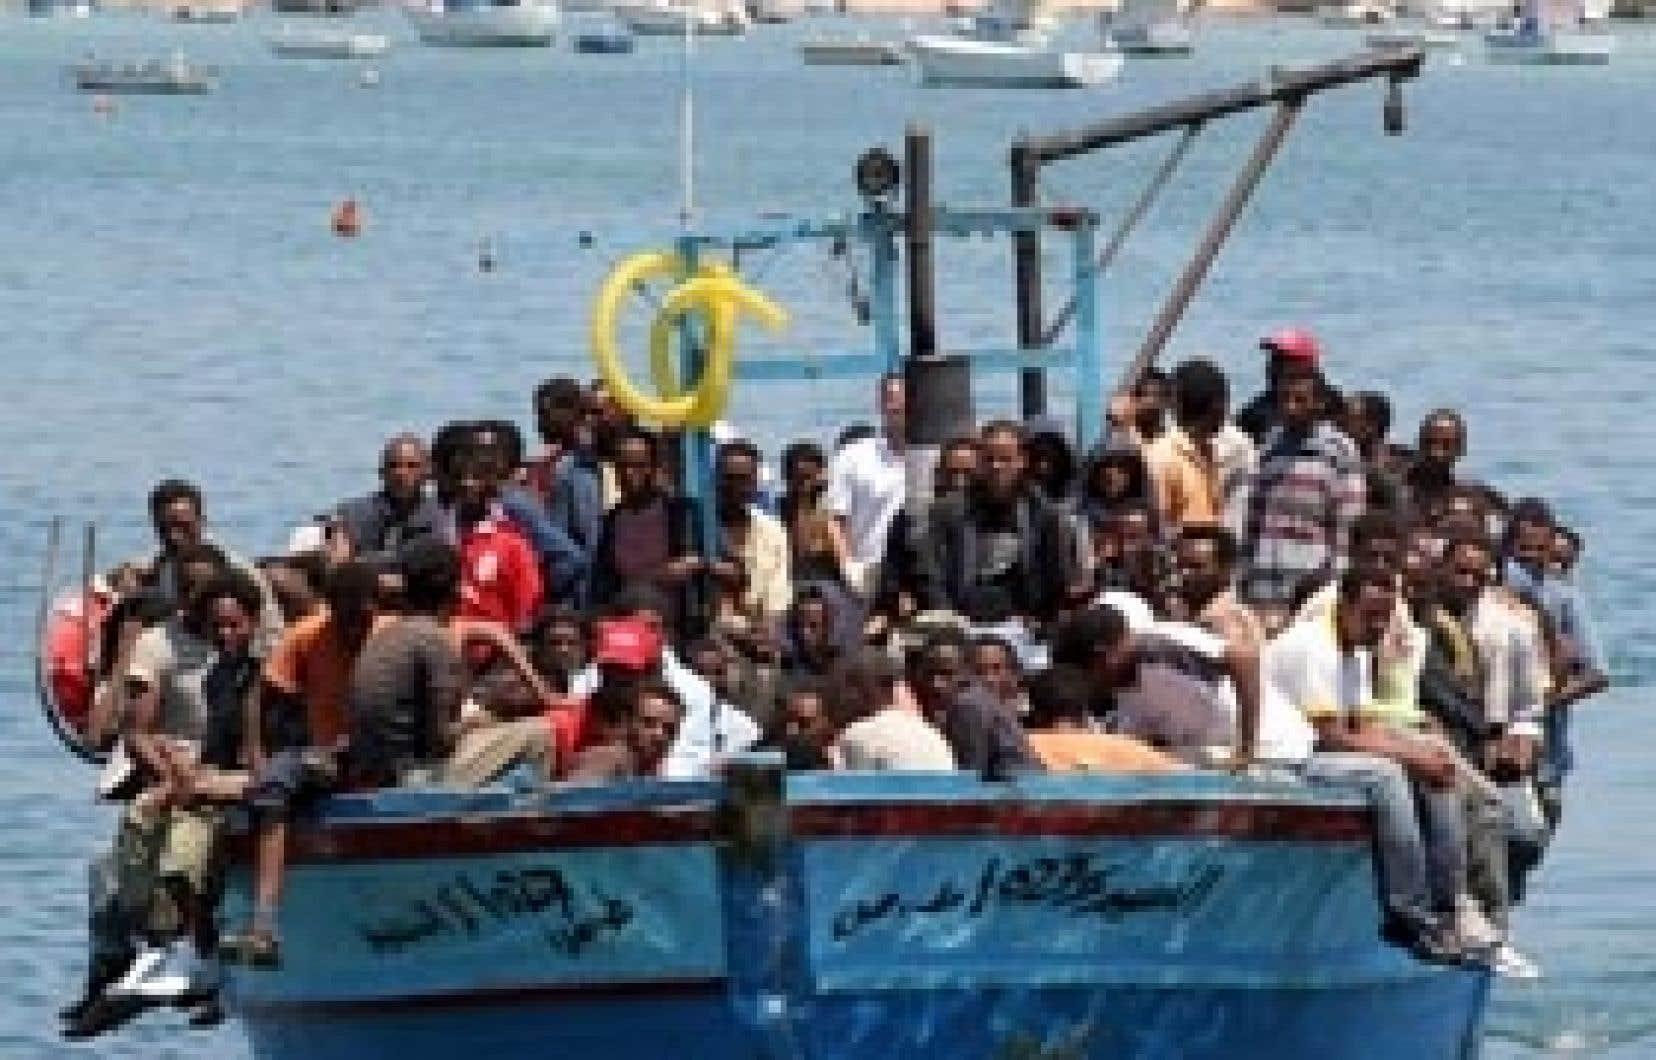 Le trafic de clandestins vers l'Europe n'a pas connu d'accalmie cette année.